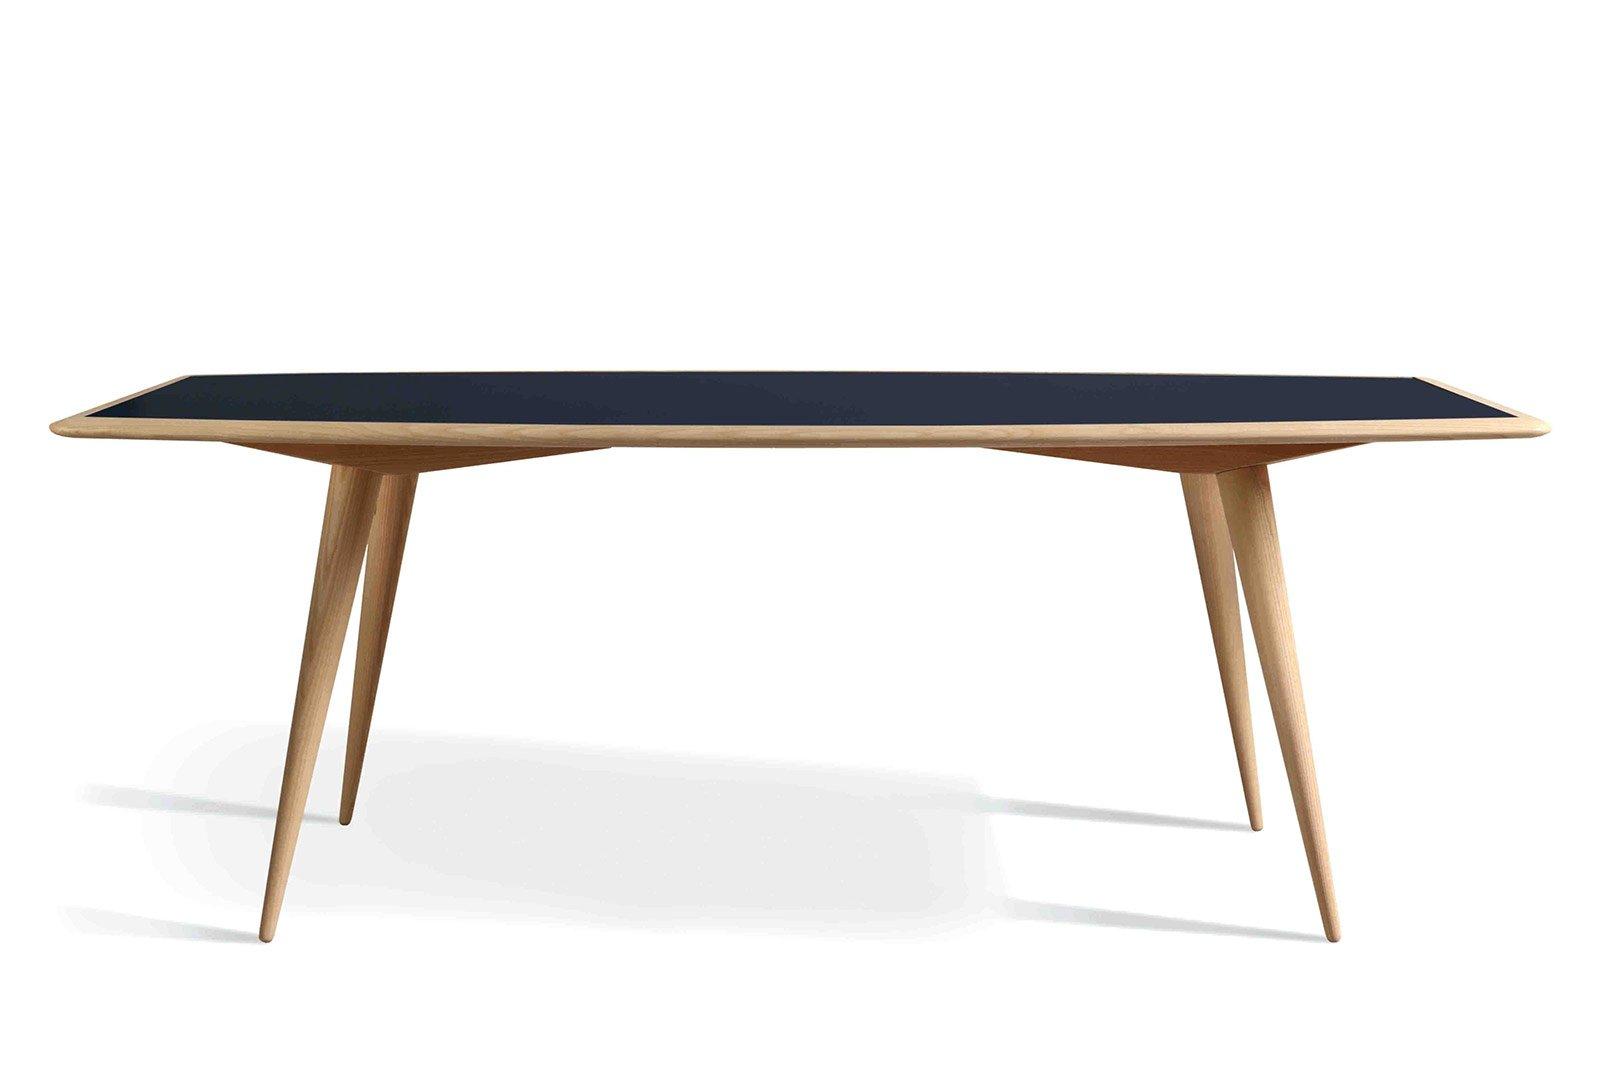 Tavolo in legno vintage moderno tradizionale cose di casa - Tavoli colorati ...